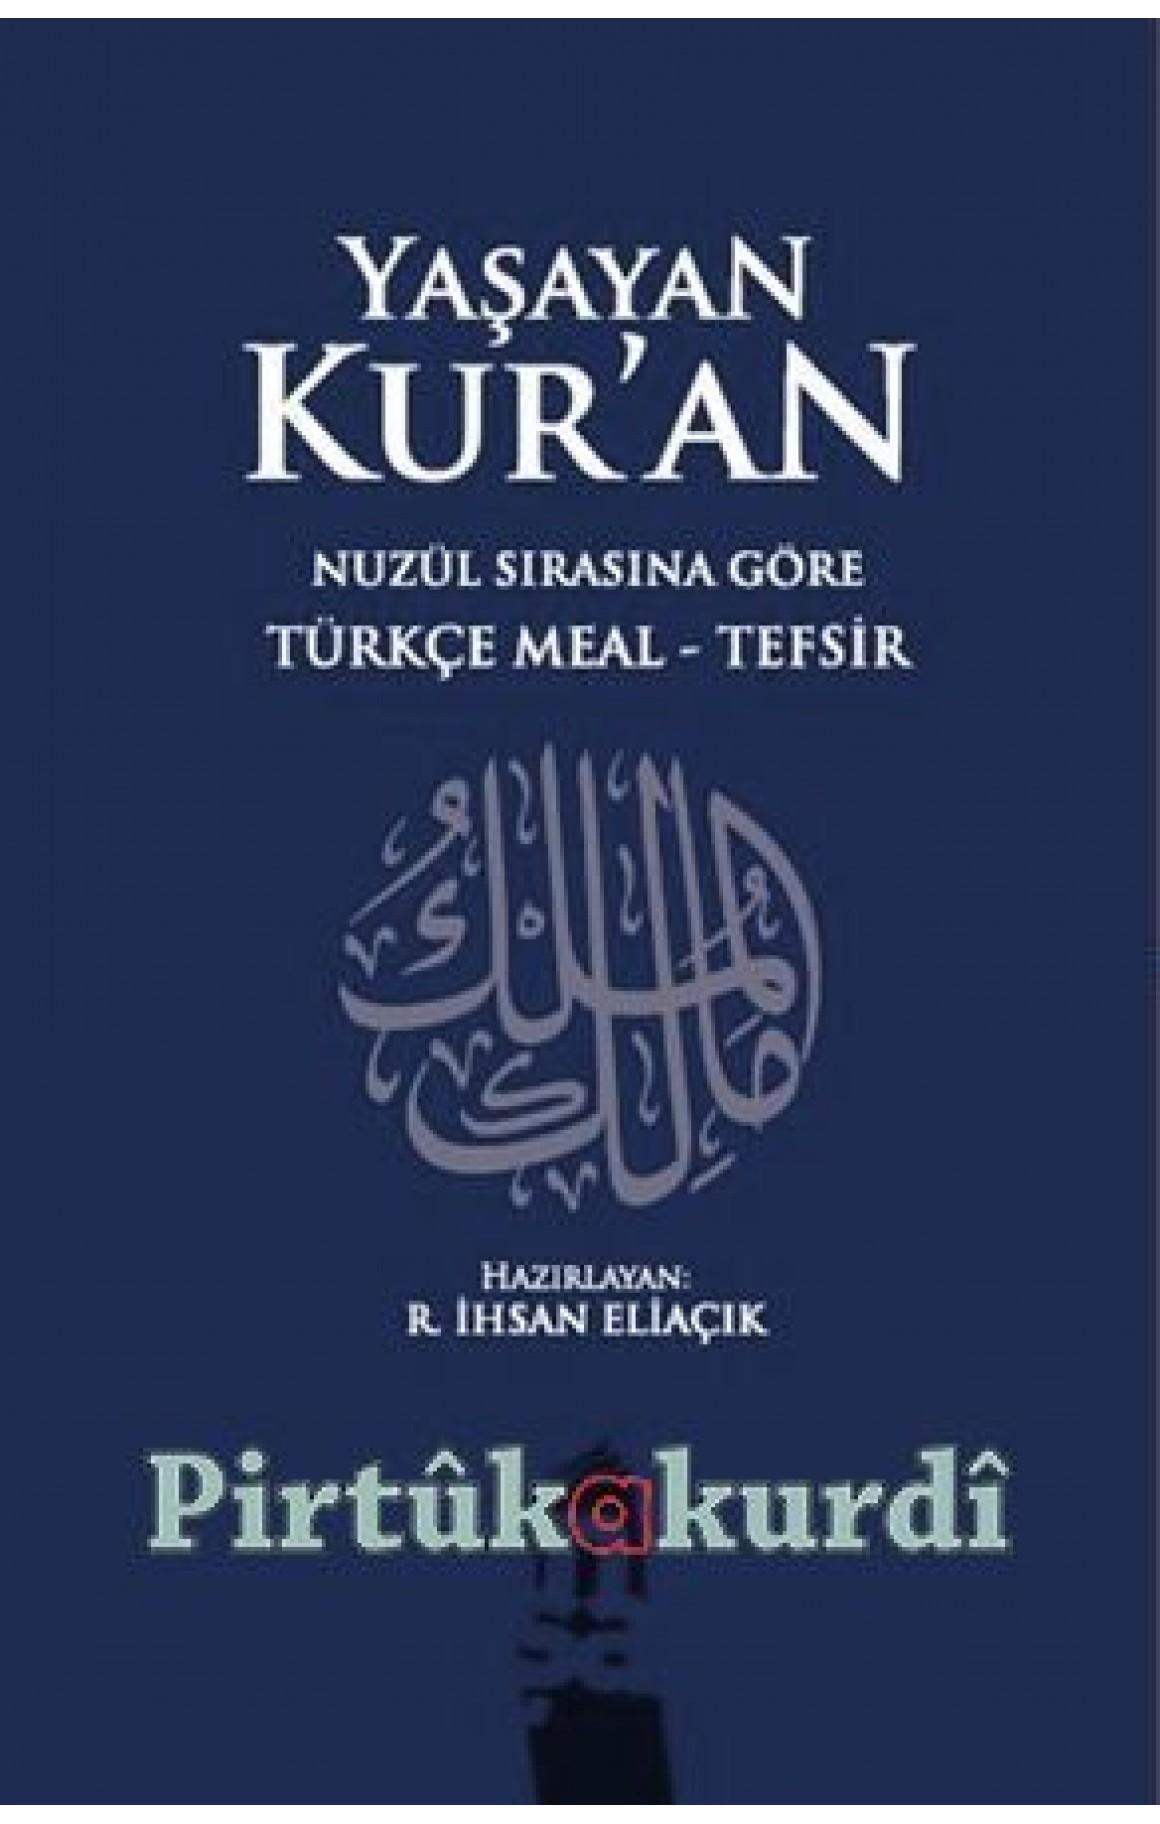 Yaşayan Kur'an Nüzul Sırasına Göre Türkçe Meal - Tefsir